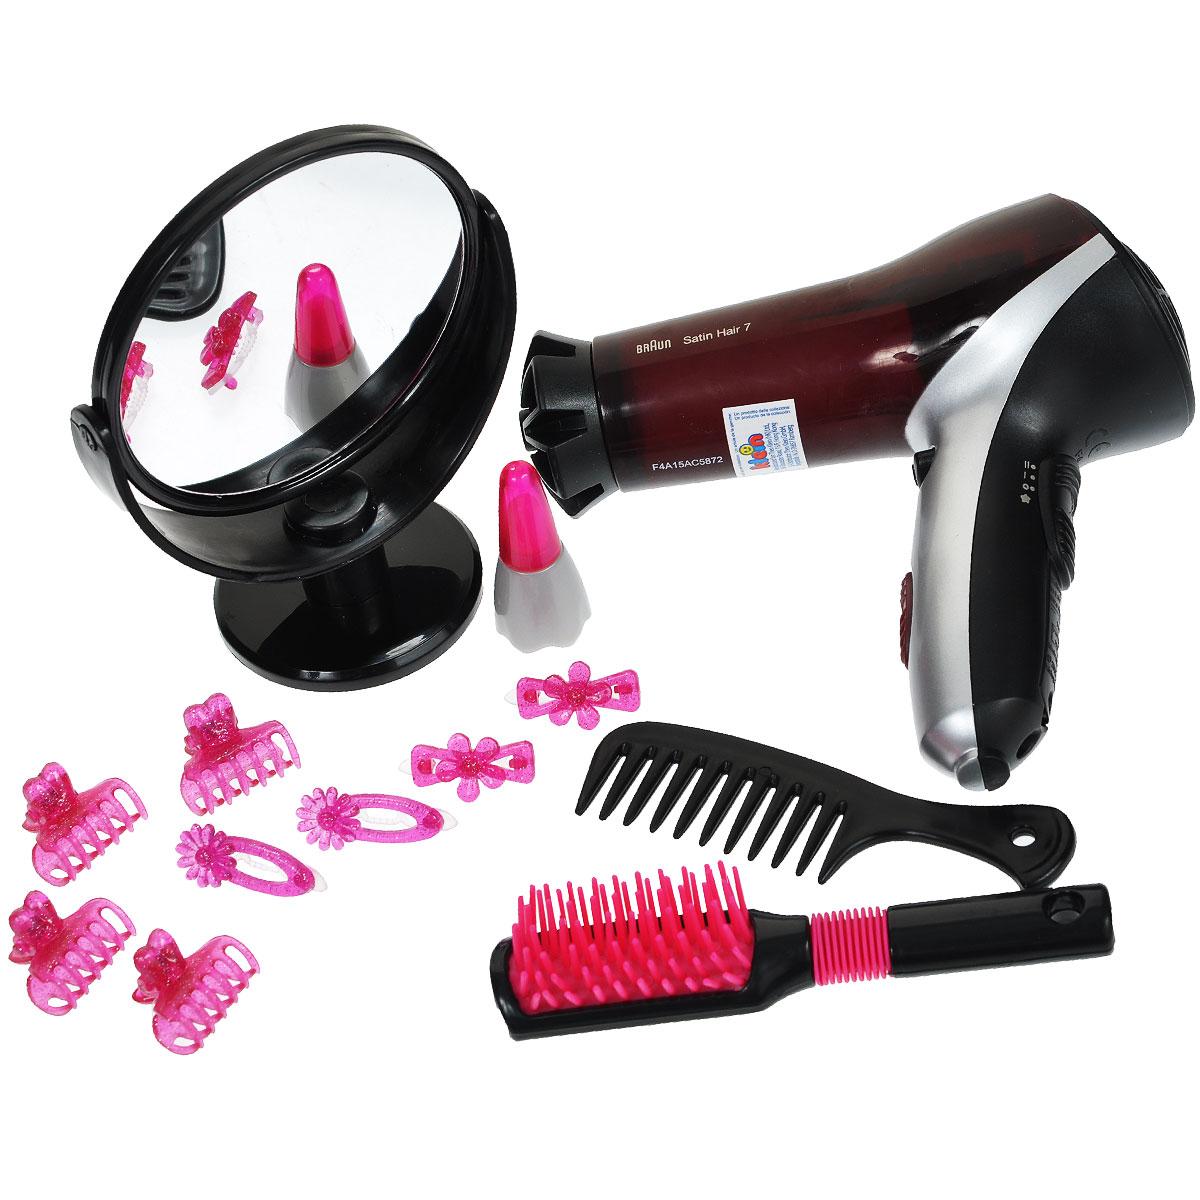 Игровой набор Klein Braun Braun Satin Hair 7. Стилист, 14 предметов